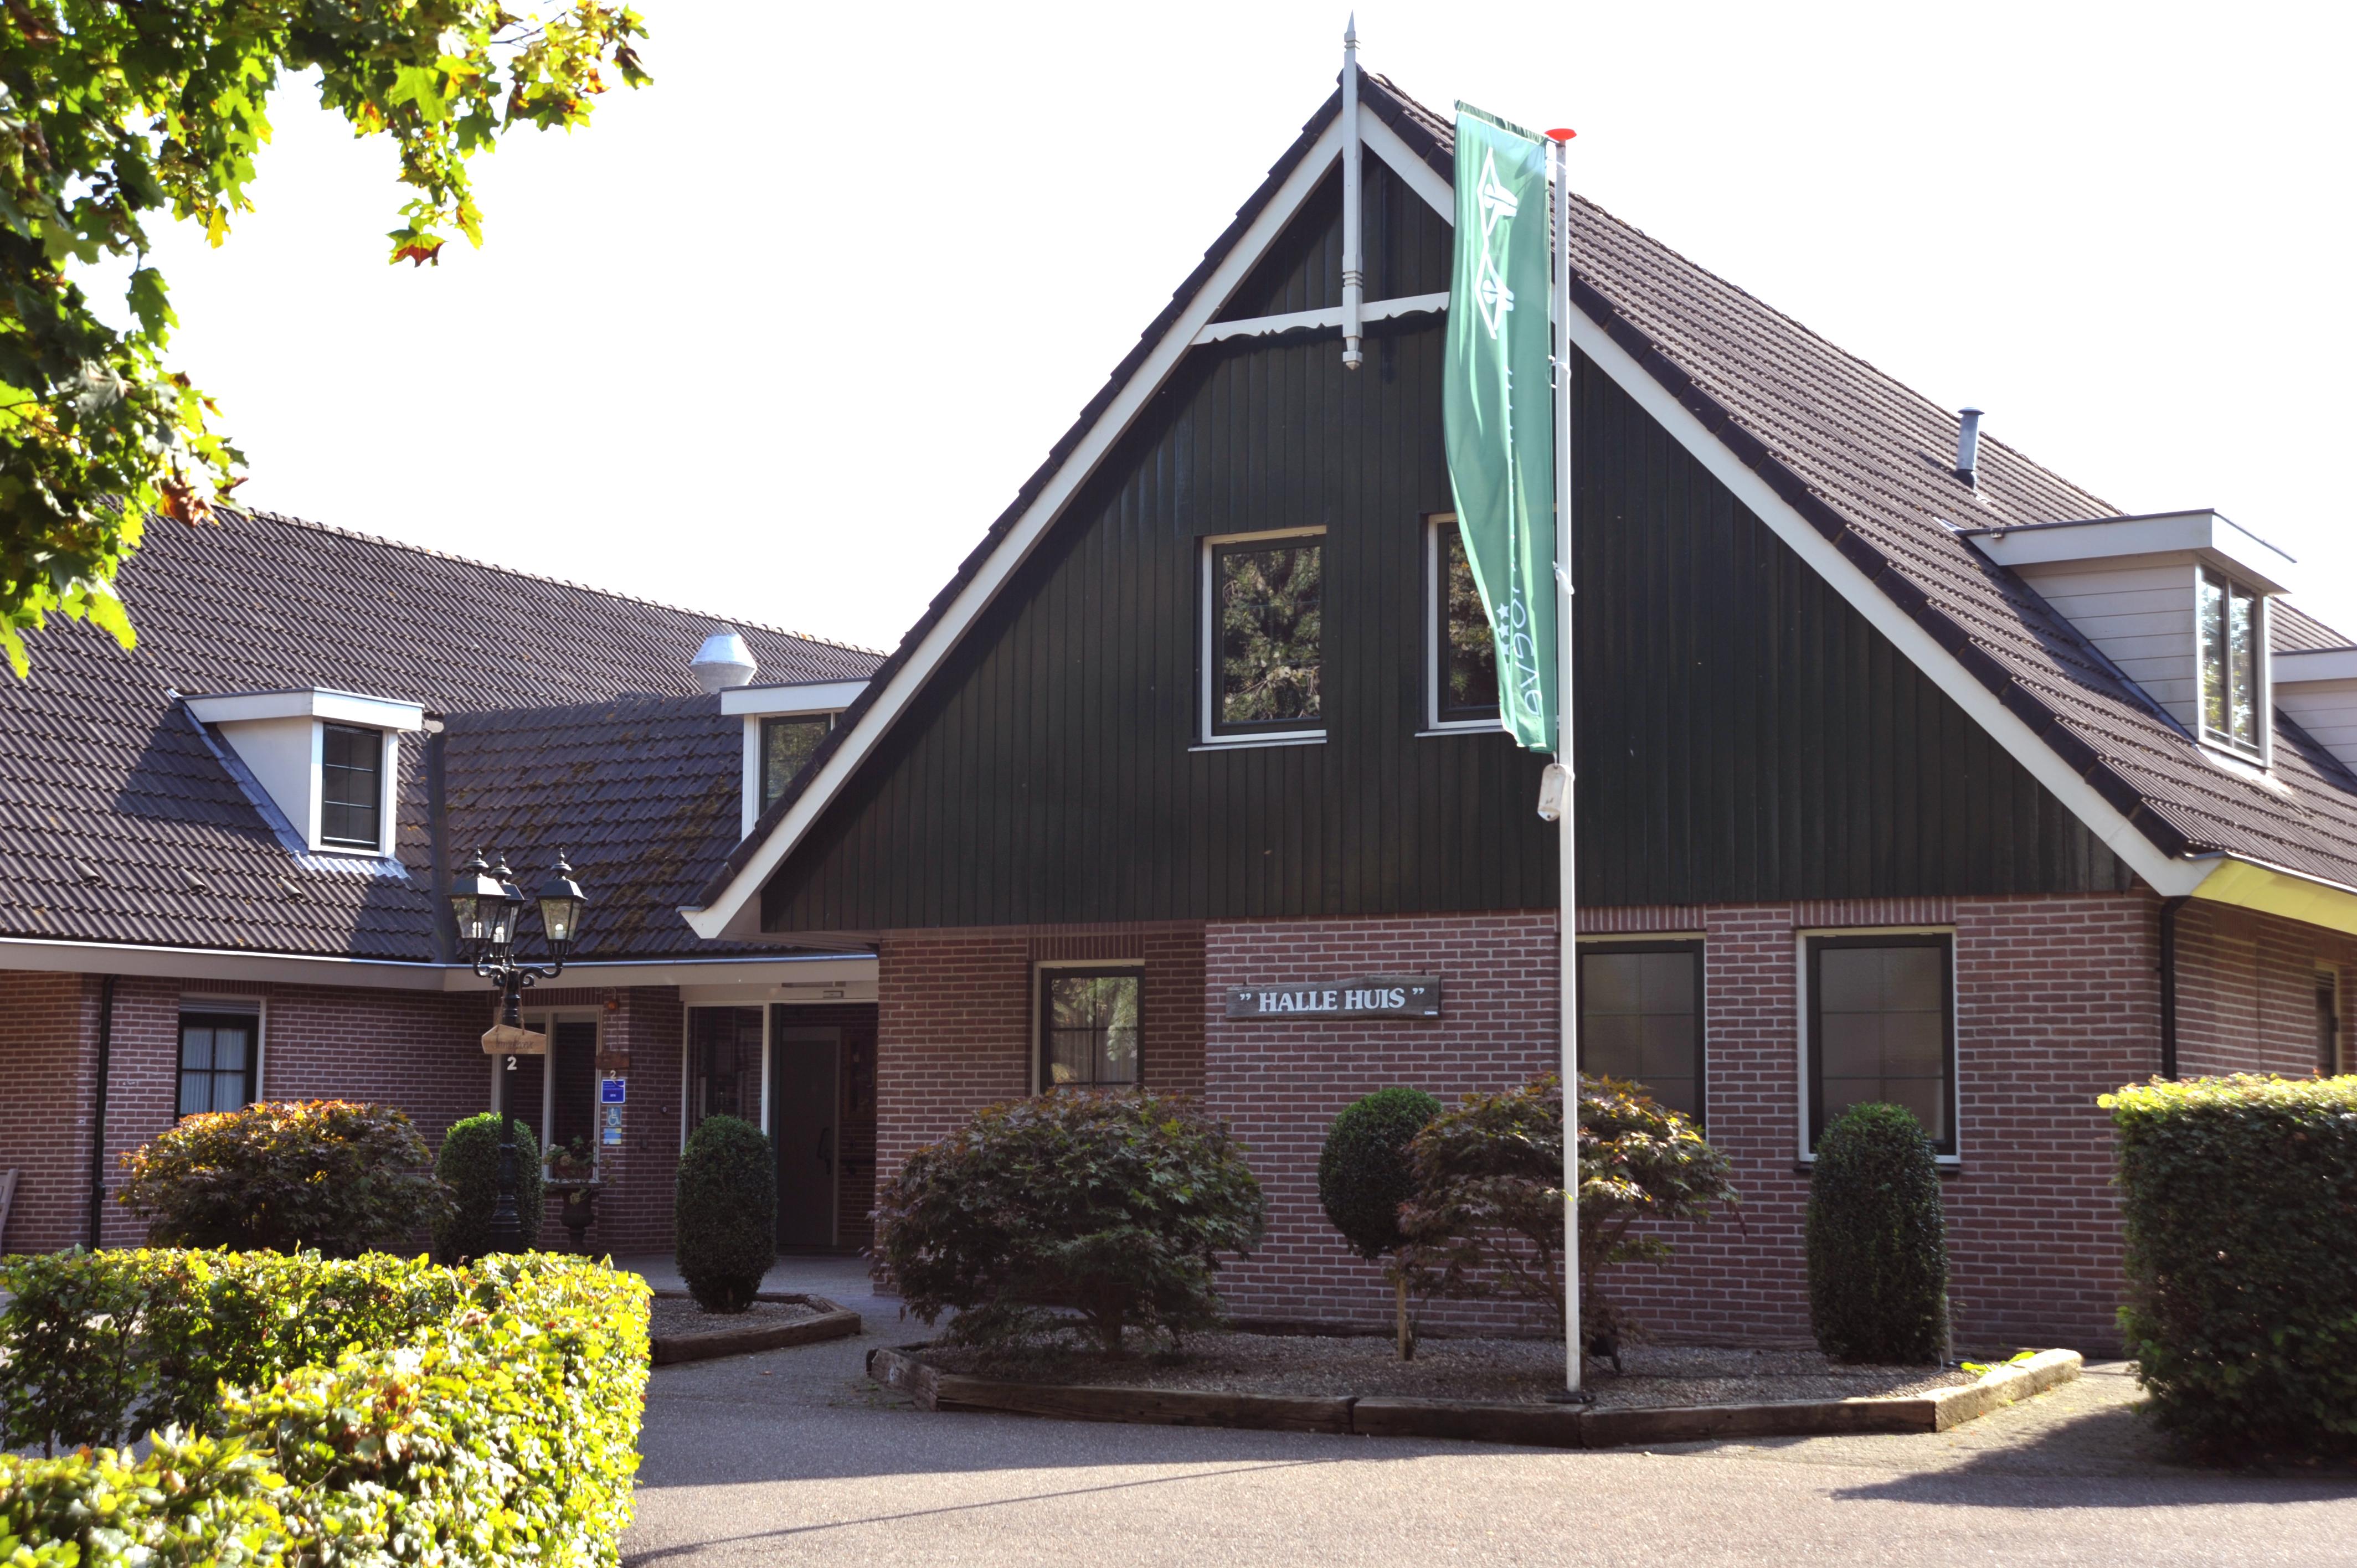 Hallehuis